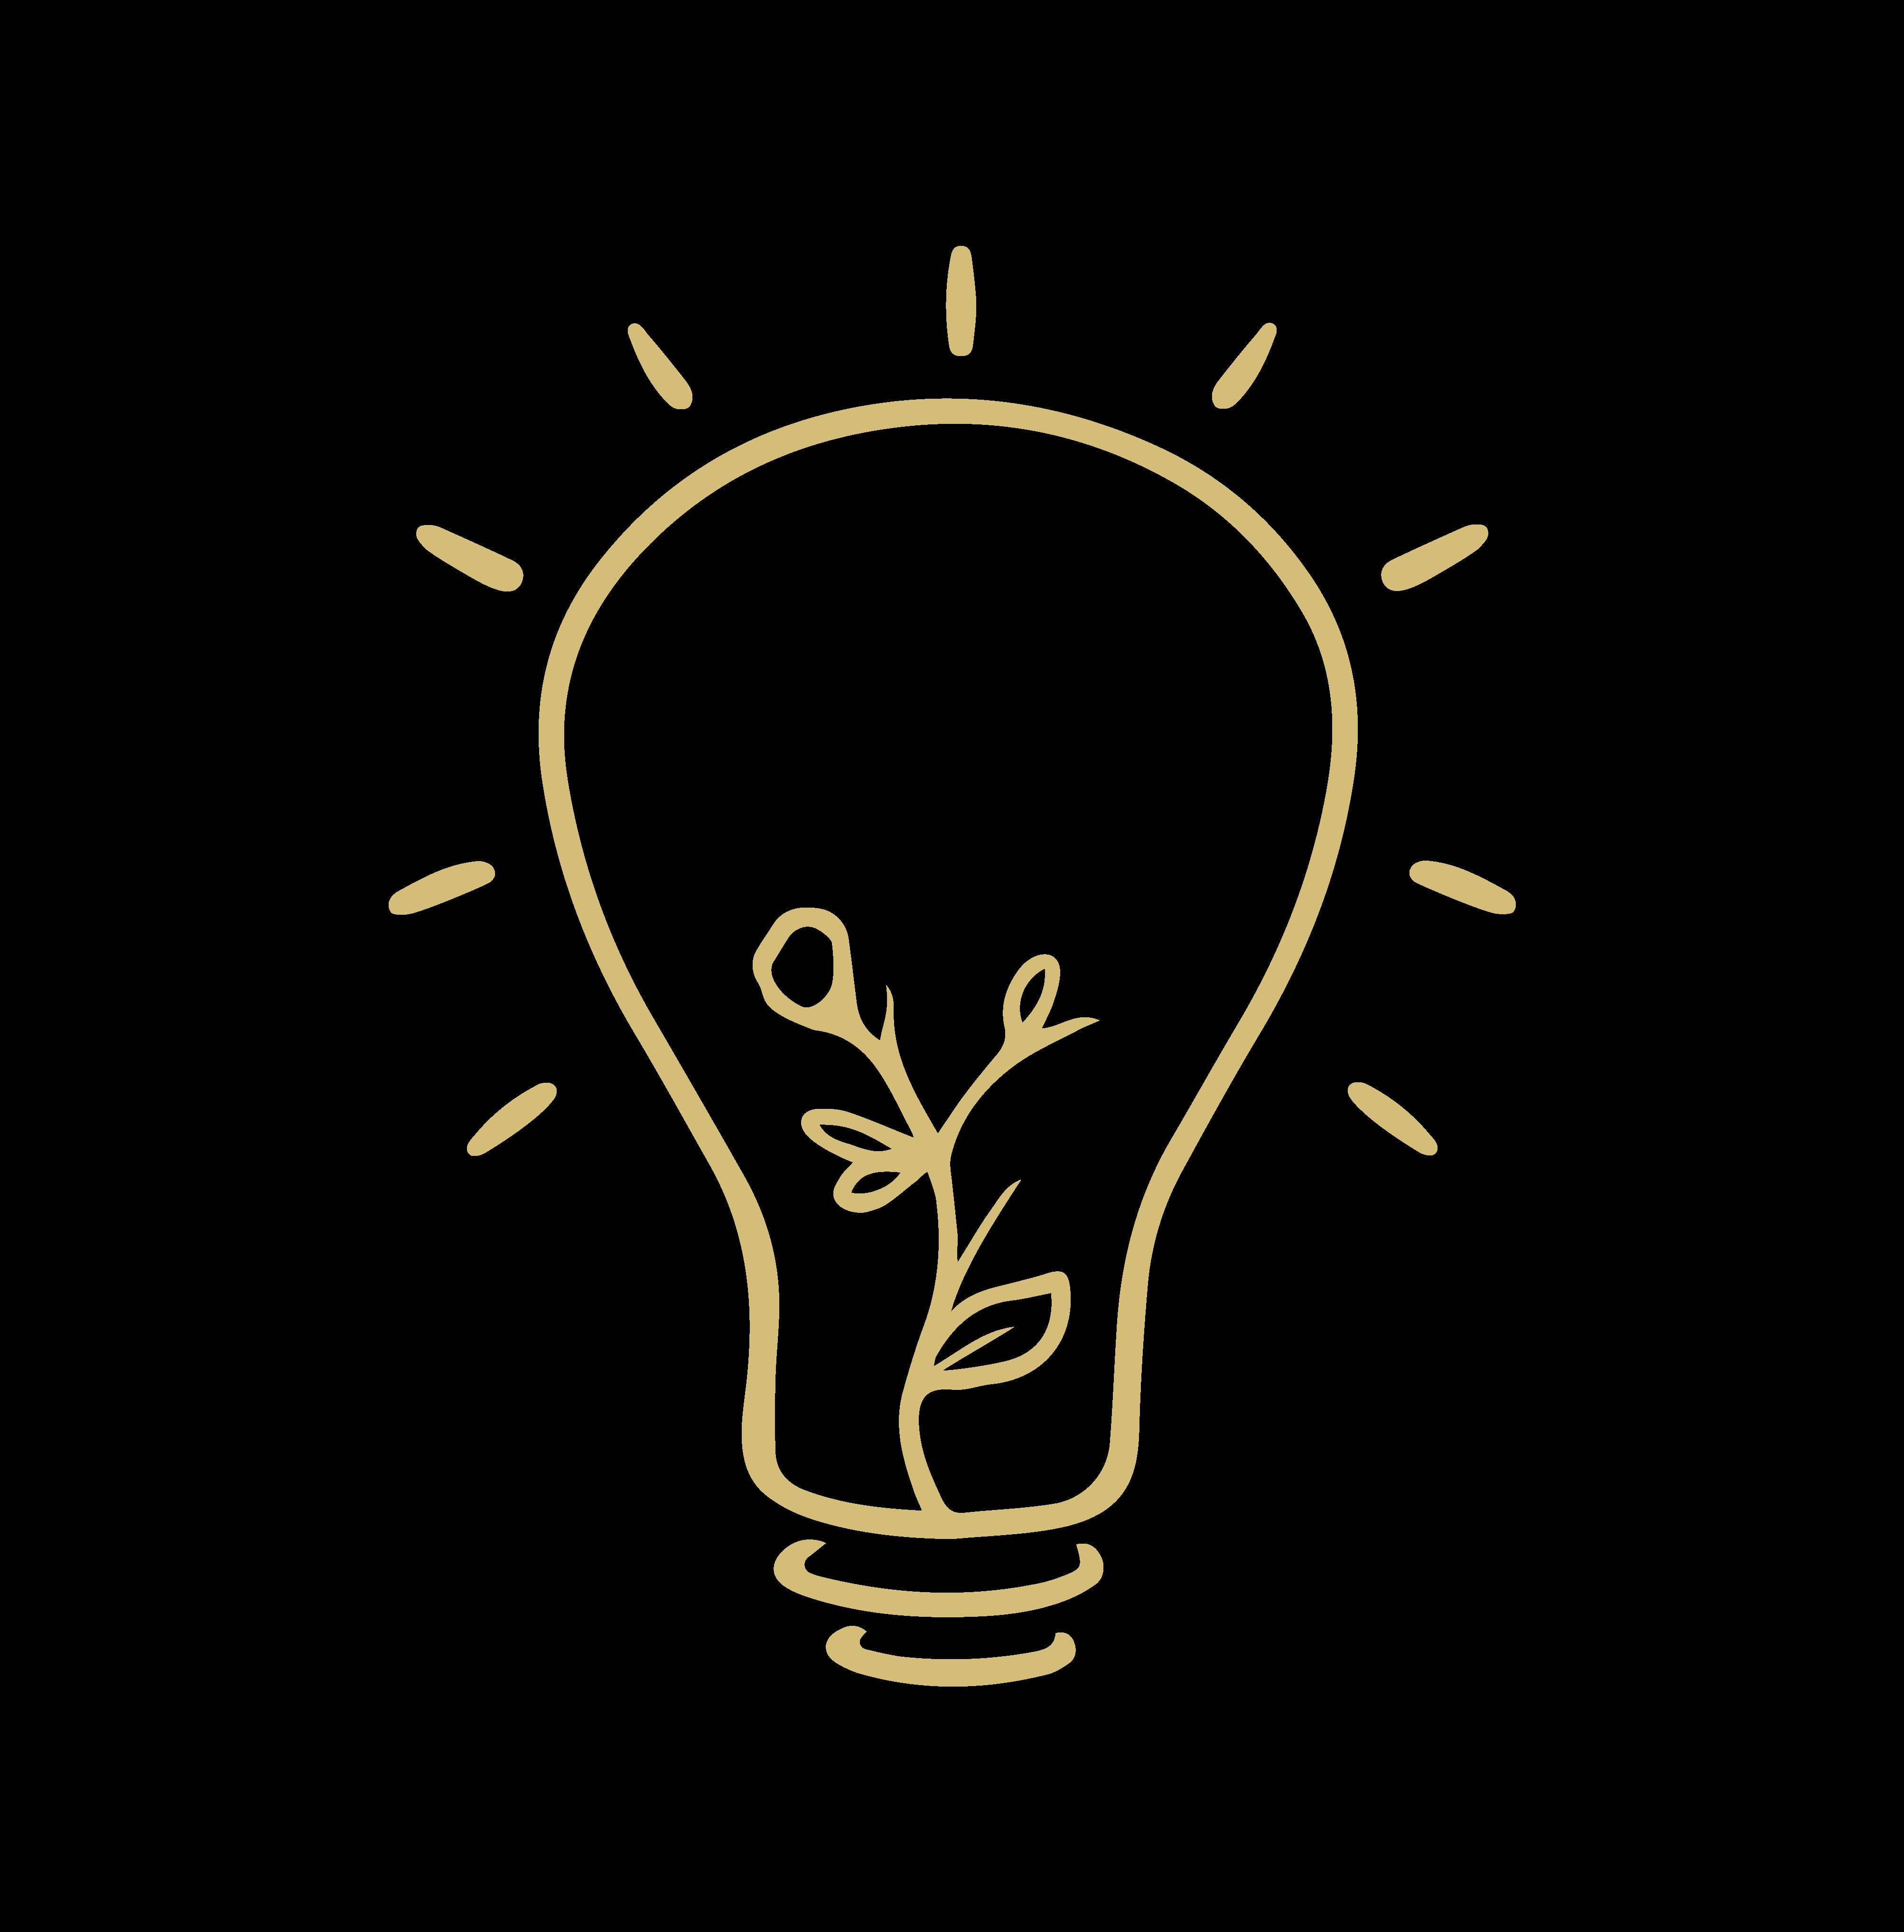 Recebe no teu e-mail inspiração e recursos para a mudança